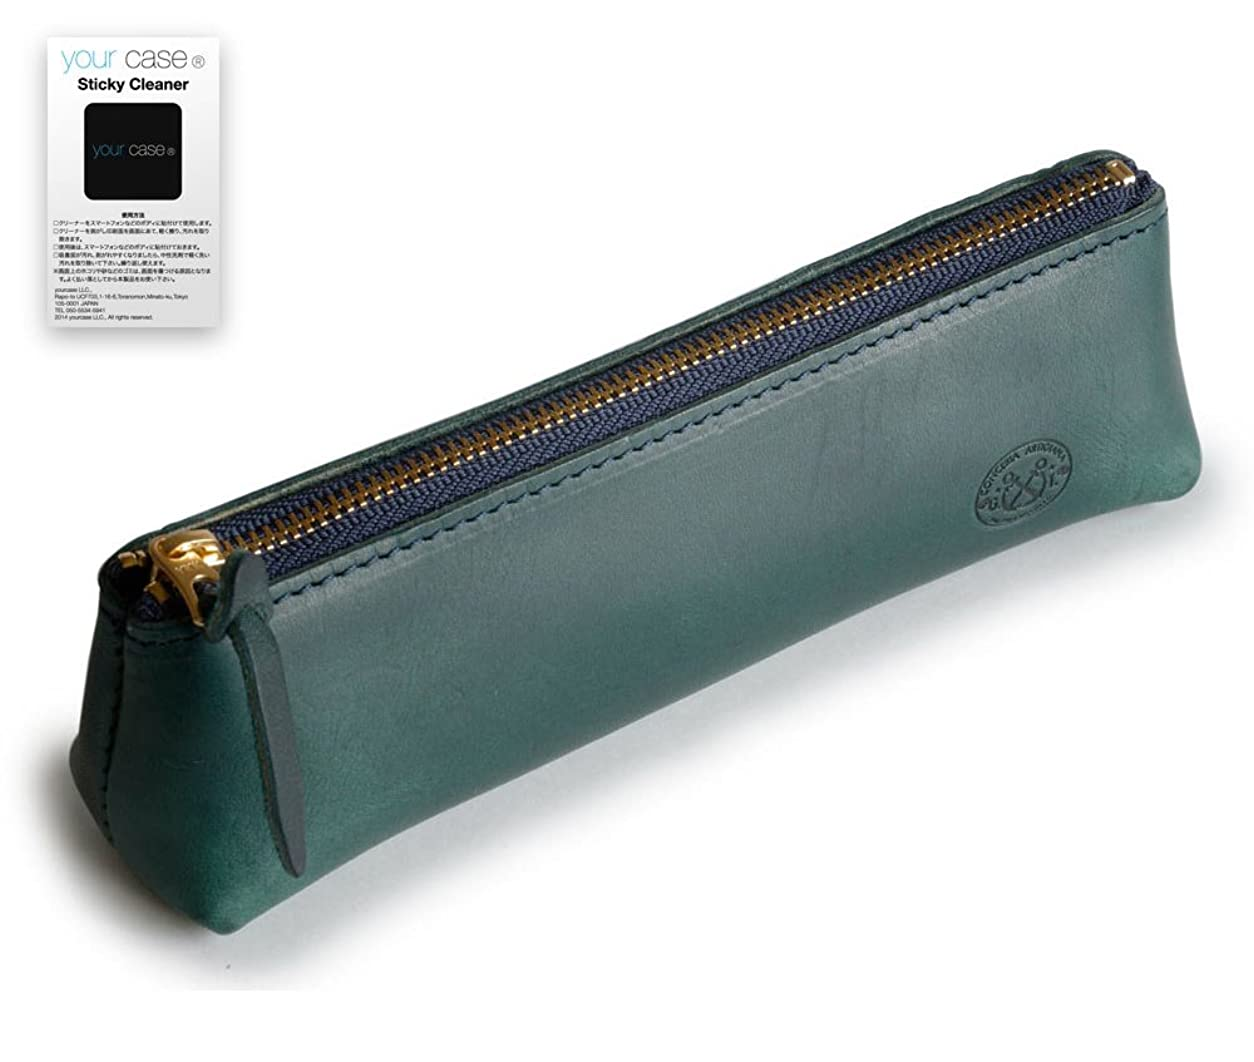 マットレス宇宙船概念TEMPESTI 共に成長する 本革 イタリアン ヴァケッタ レザー ペンケース【your case Sticky Cleanerセット】(AGAVE)